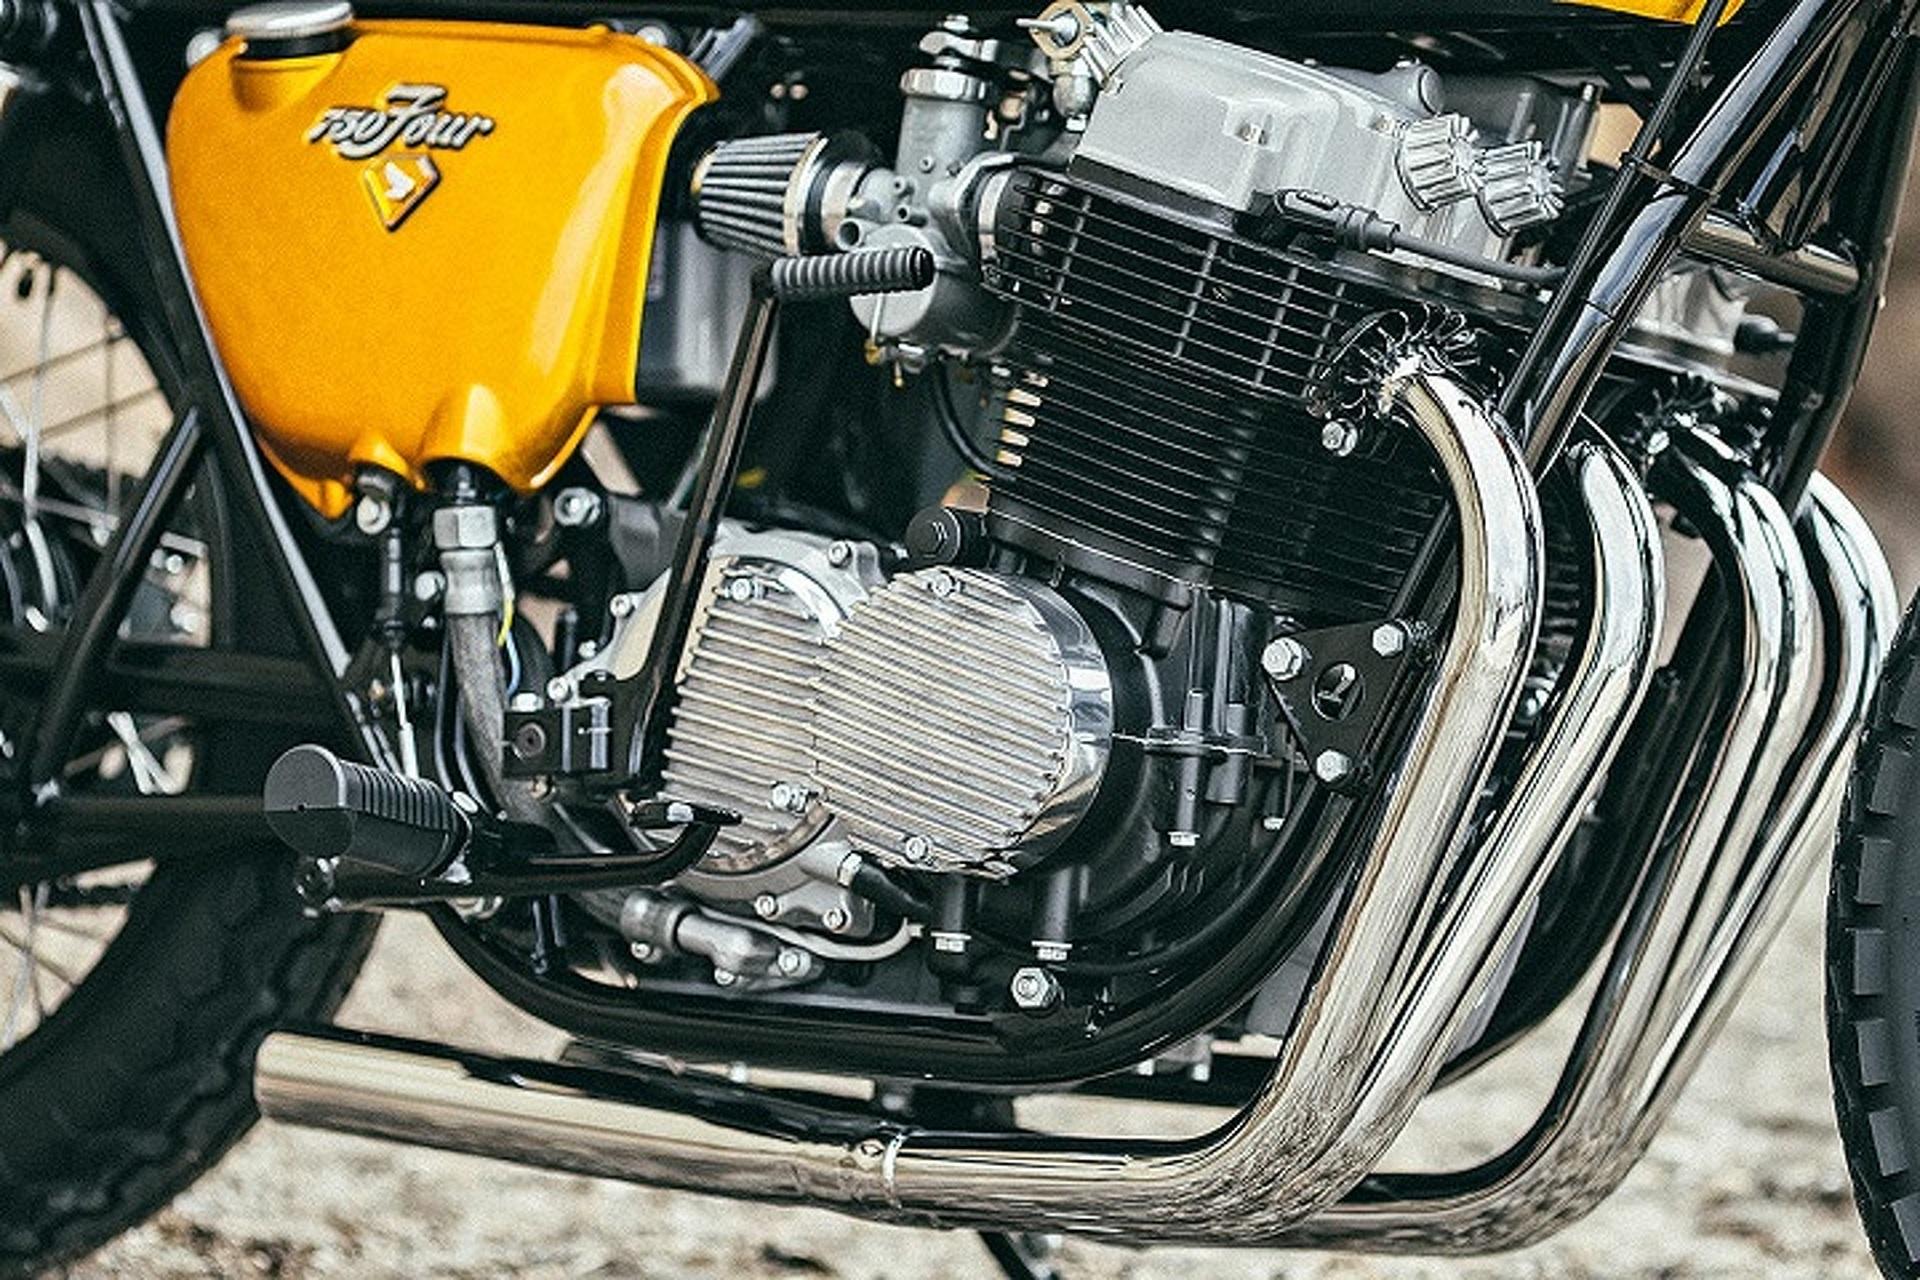 Custom 1971 Honda Cb750 Motorcycle Is A Golden Beauty Honda CBR1000F Wiring  1971 Honda Cb750 Simple Wiring